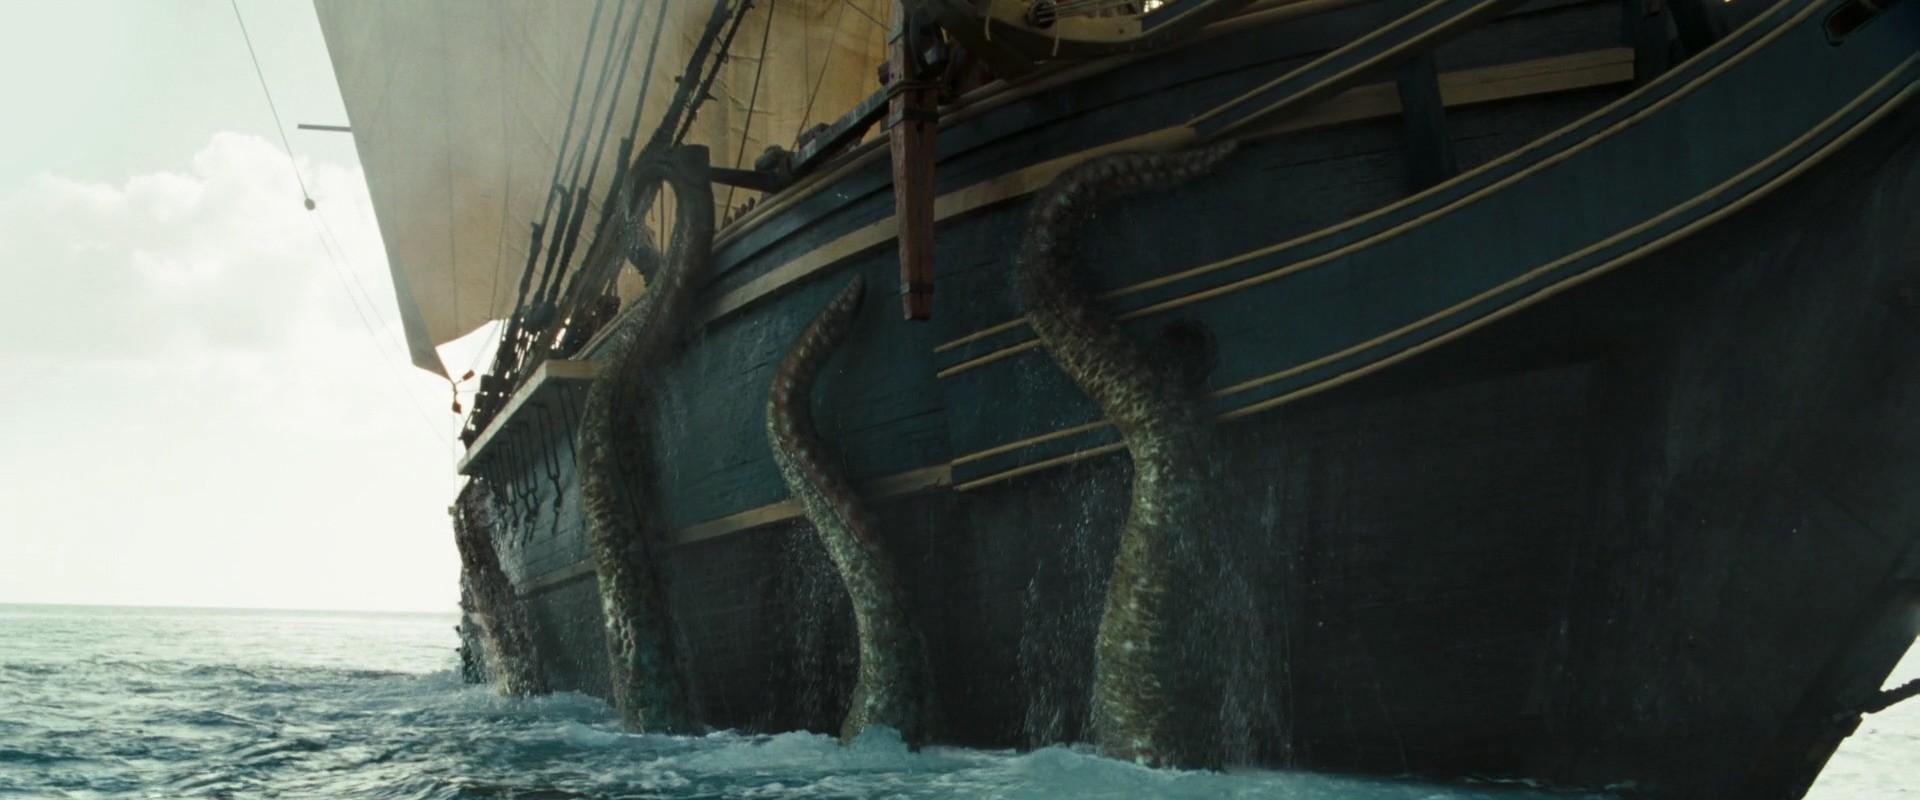 картинки пираты карибского моря кракен городами-призраками китая